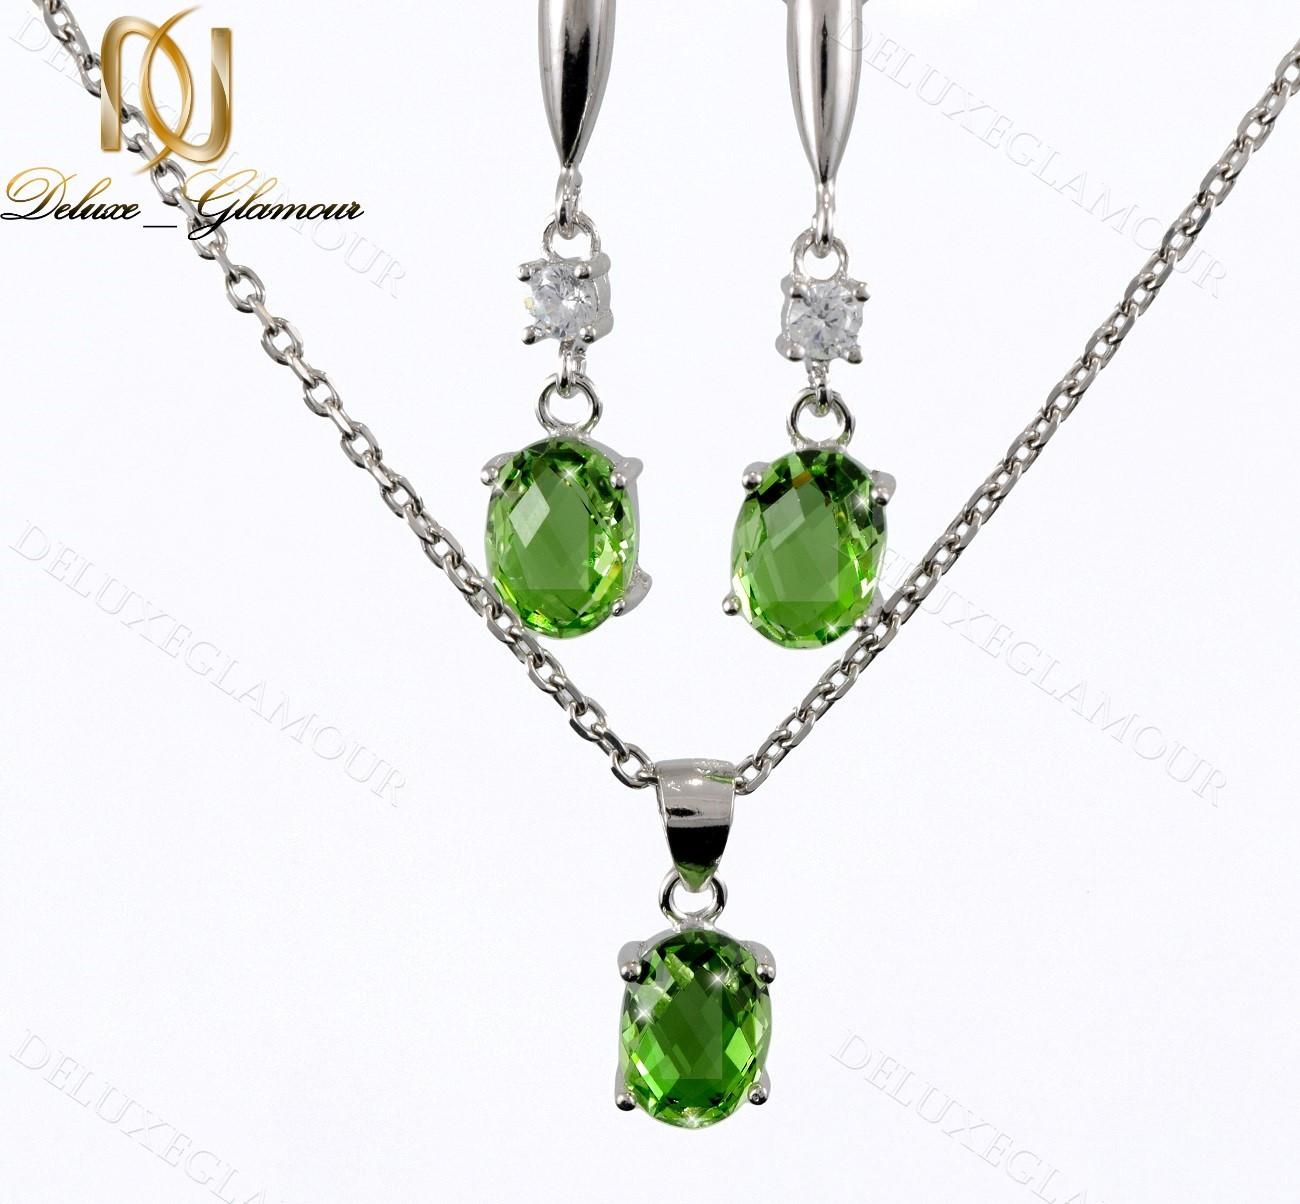 نیم ست نقره زنانه با کریستال سواروسکی سبز Ns-n201 (2)